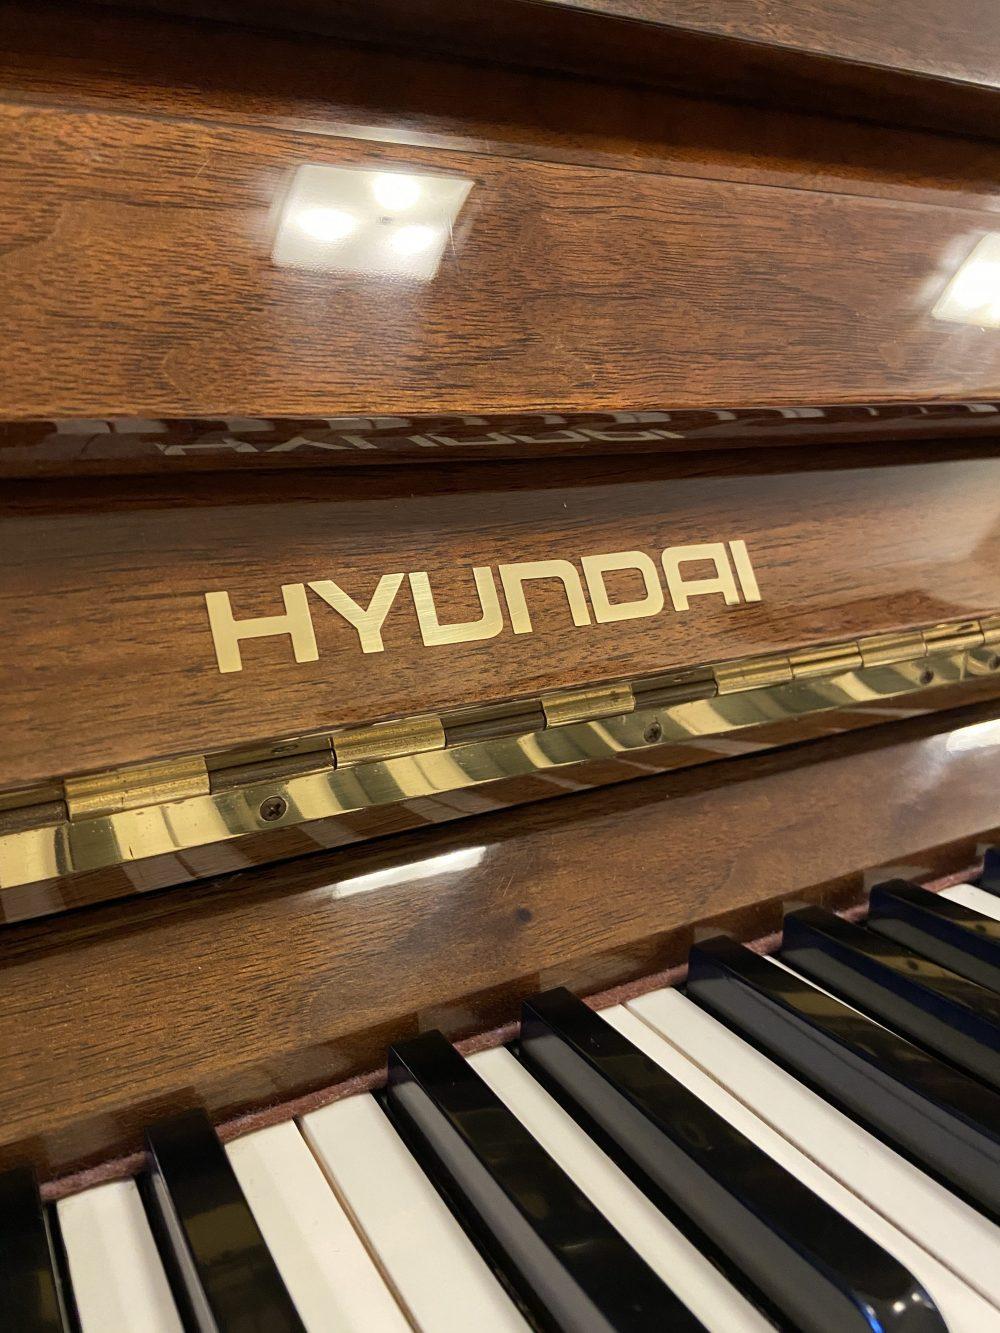 Hyundai upright